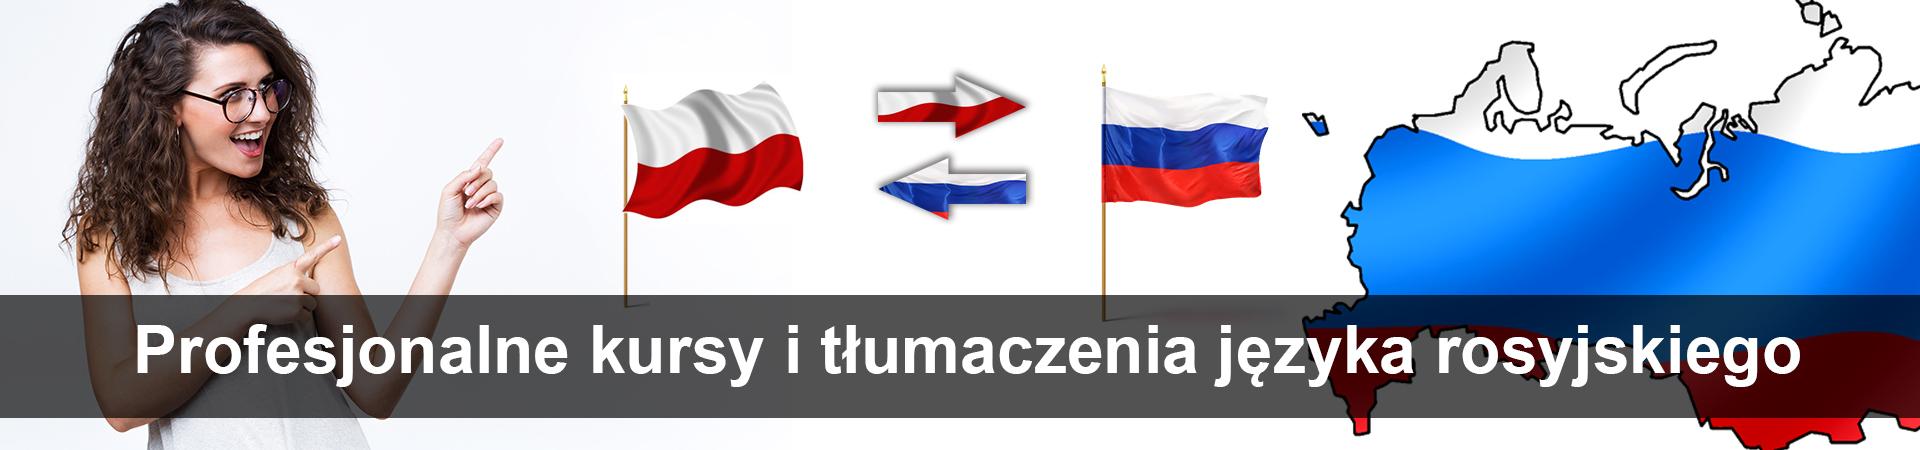 Tłumaczenia i kursy języka rosyjskiego Bielsko-Biała Katowice śląsk